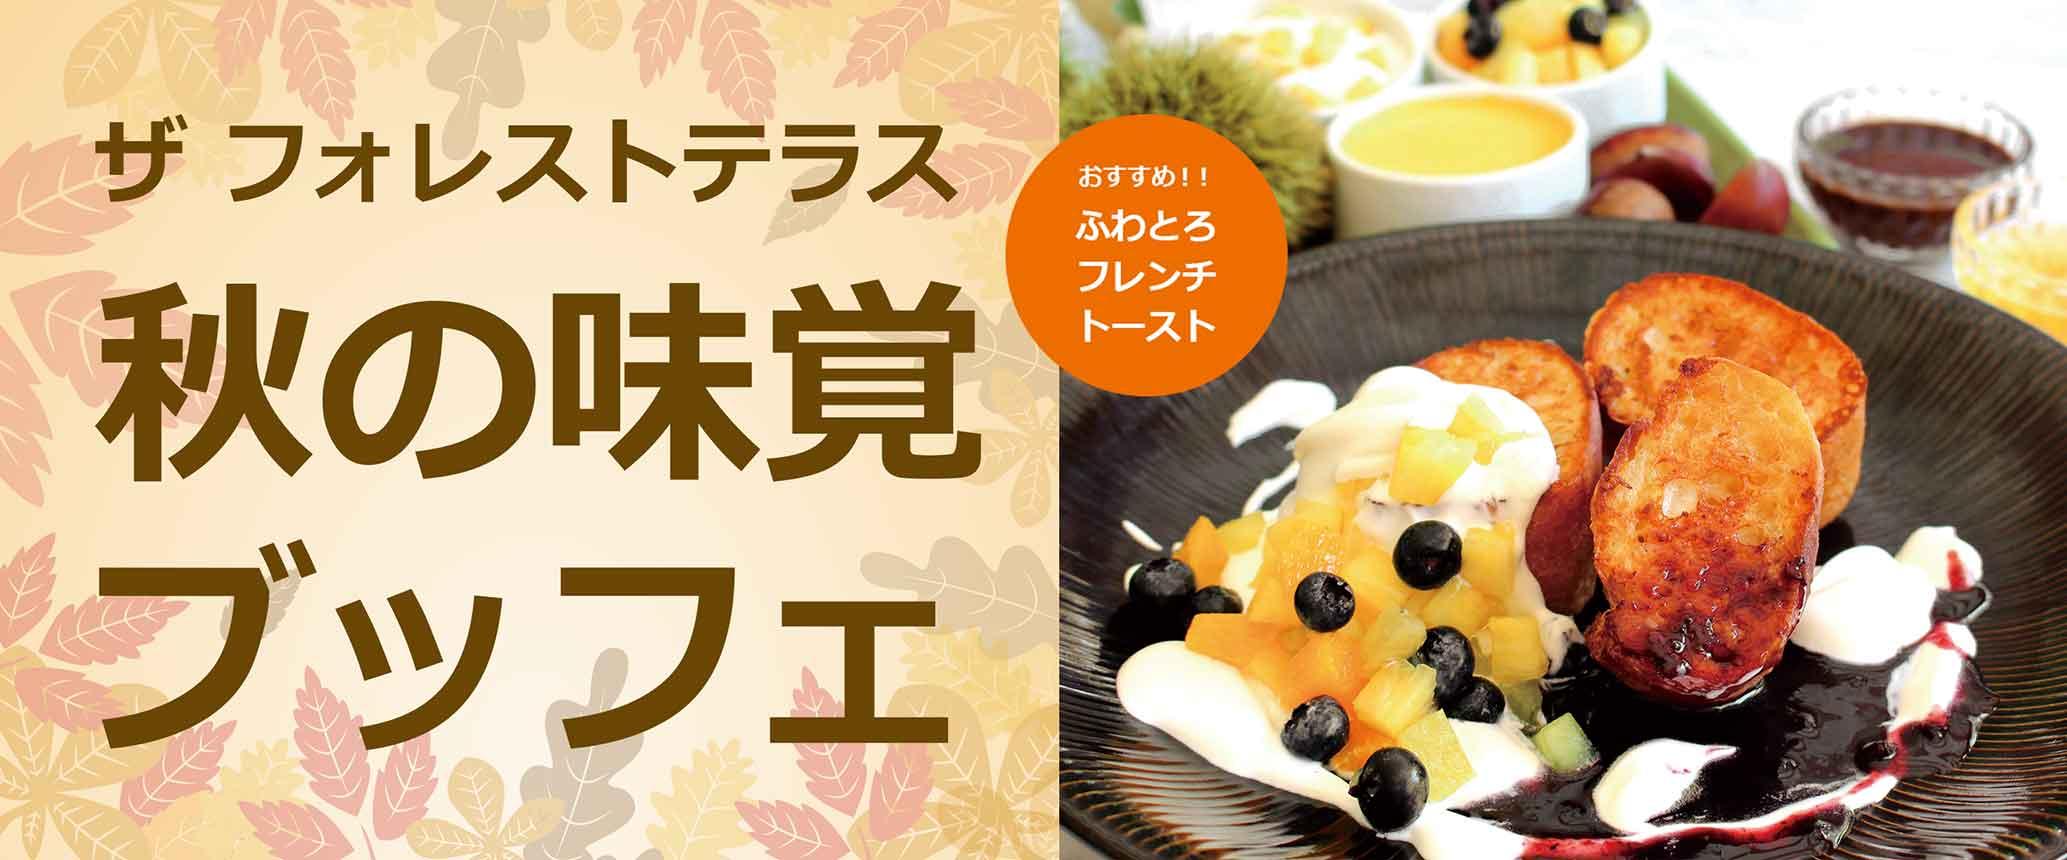 秋の味覚ブッフェ